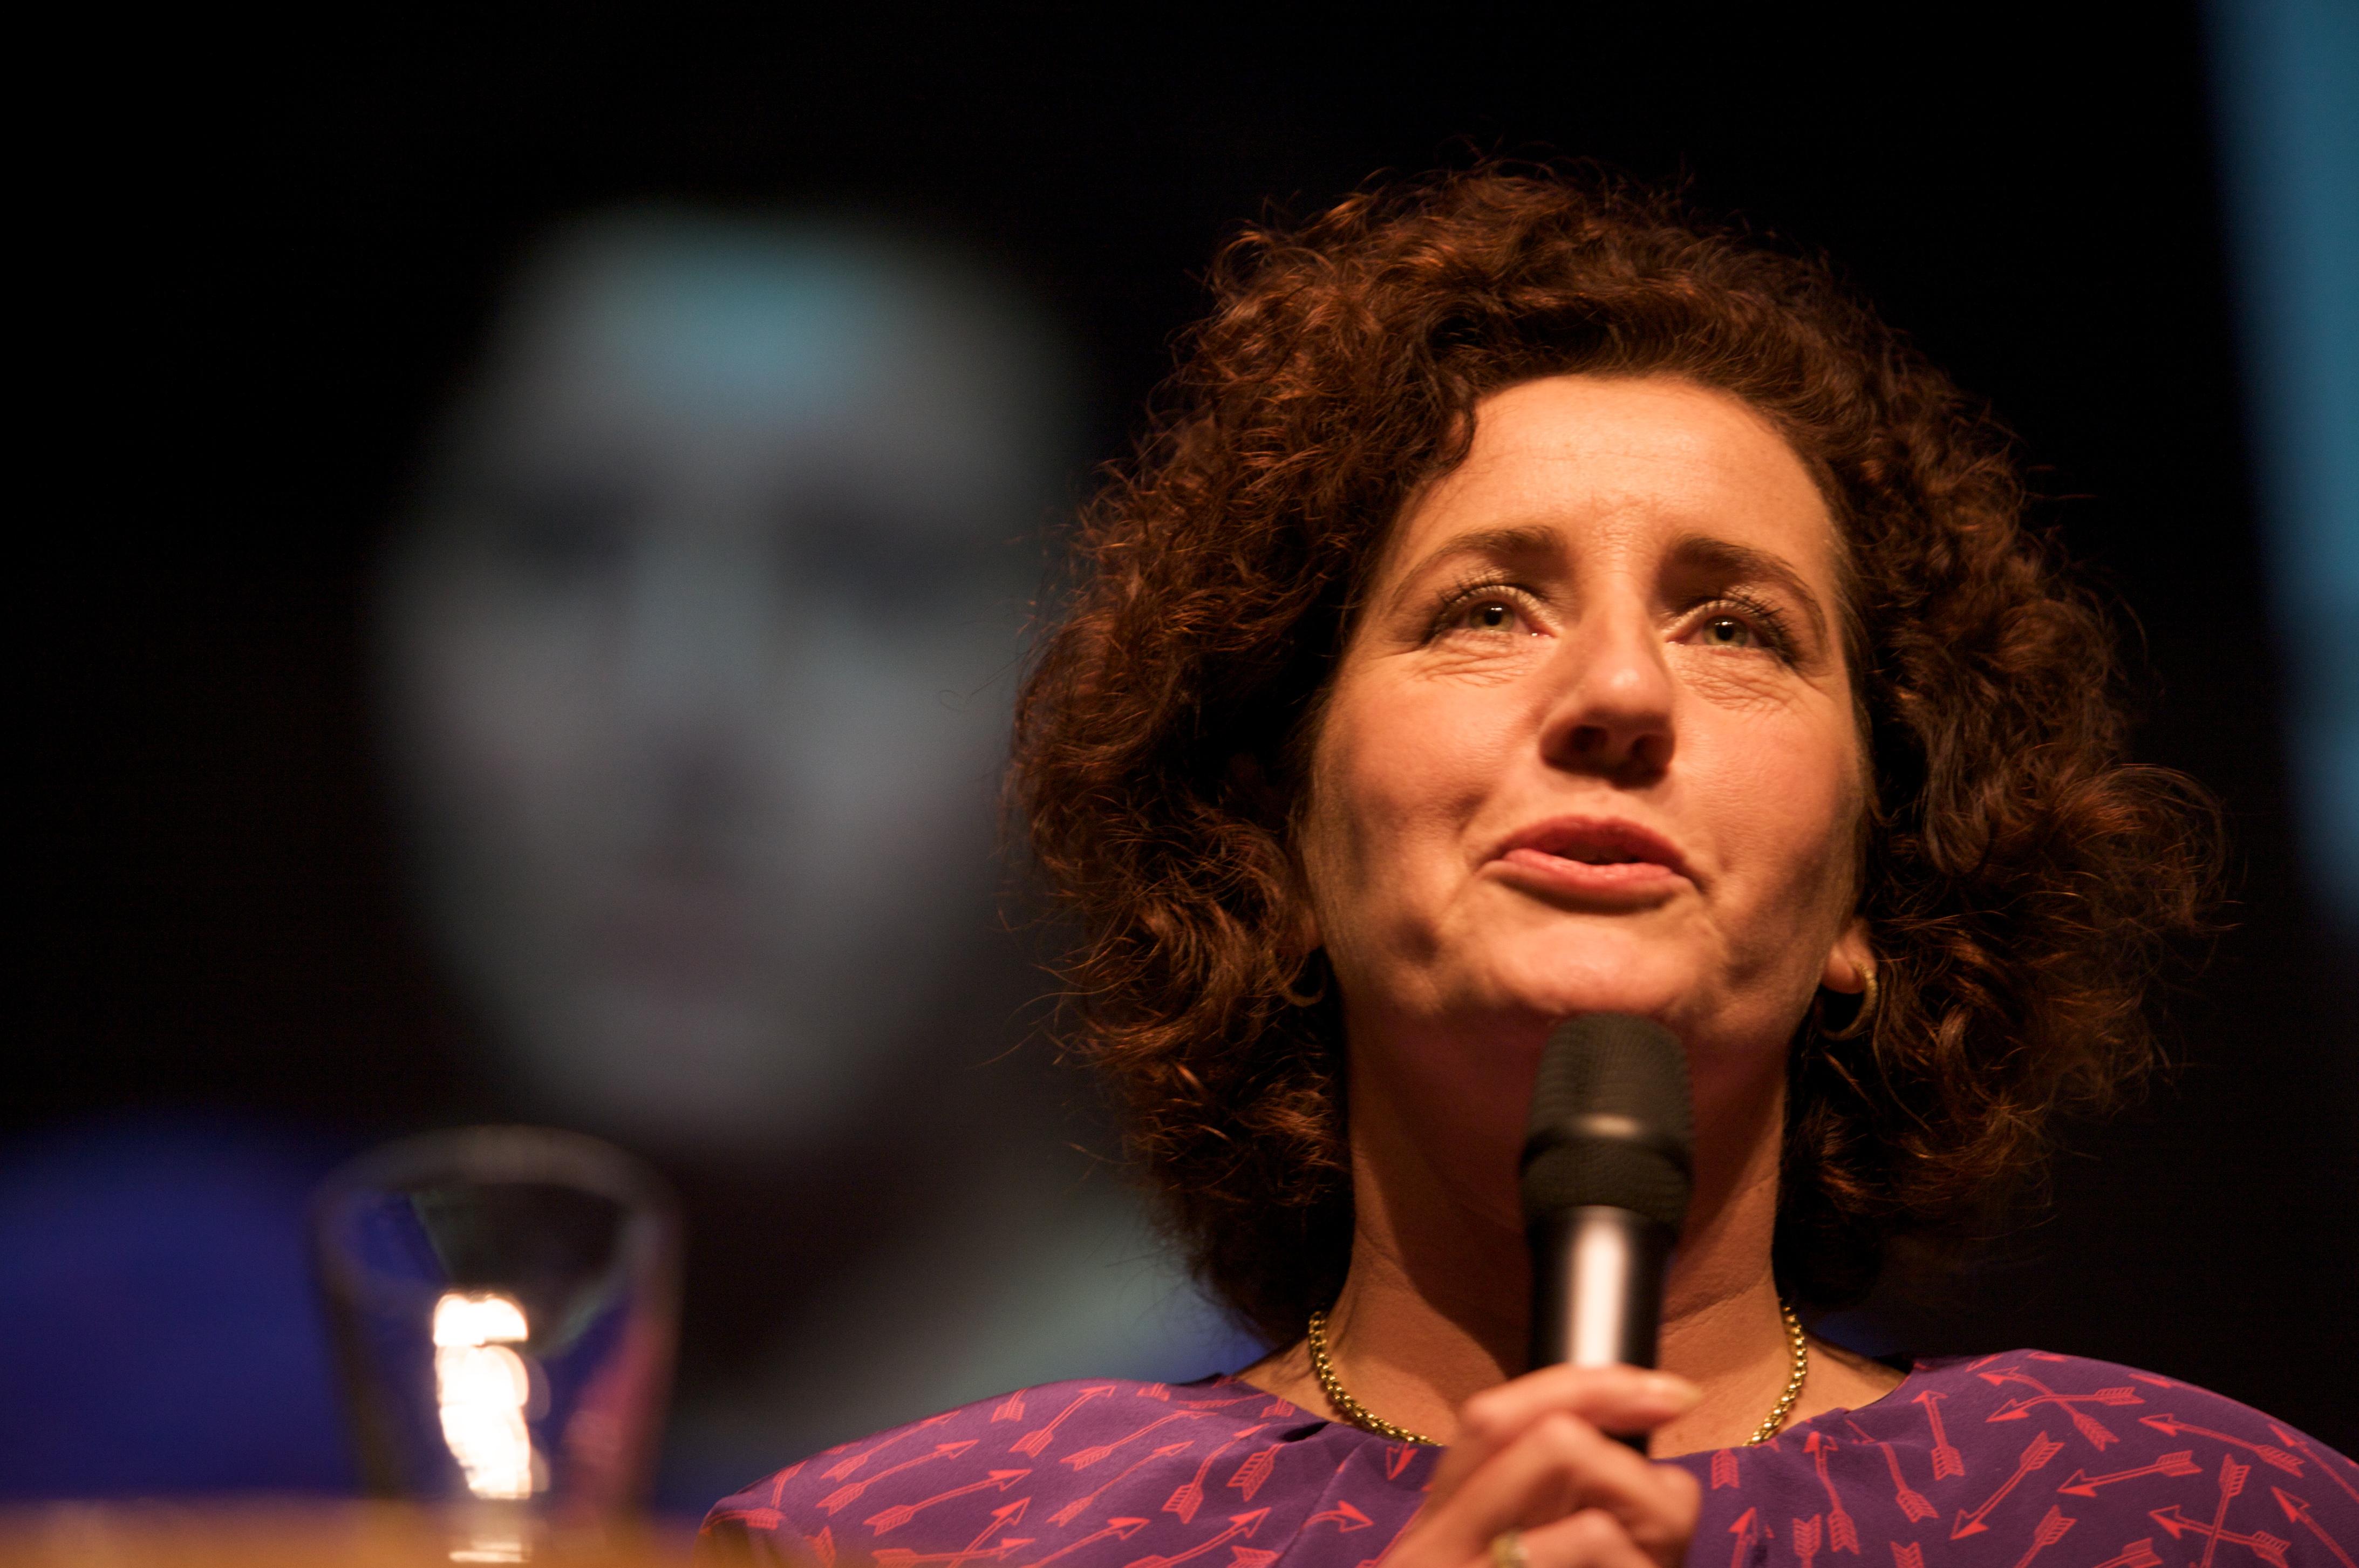 Minister Ingrid van Engelshoven